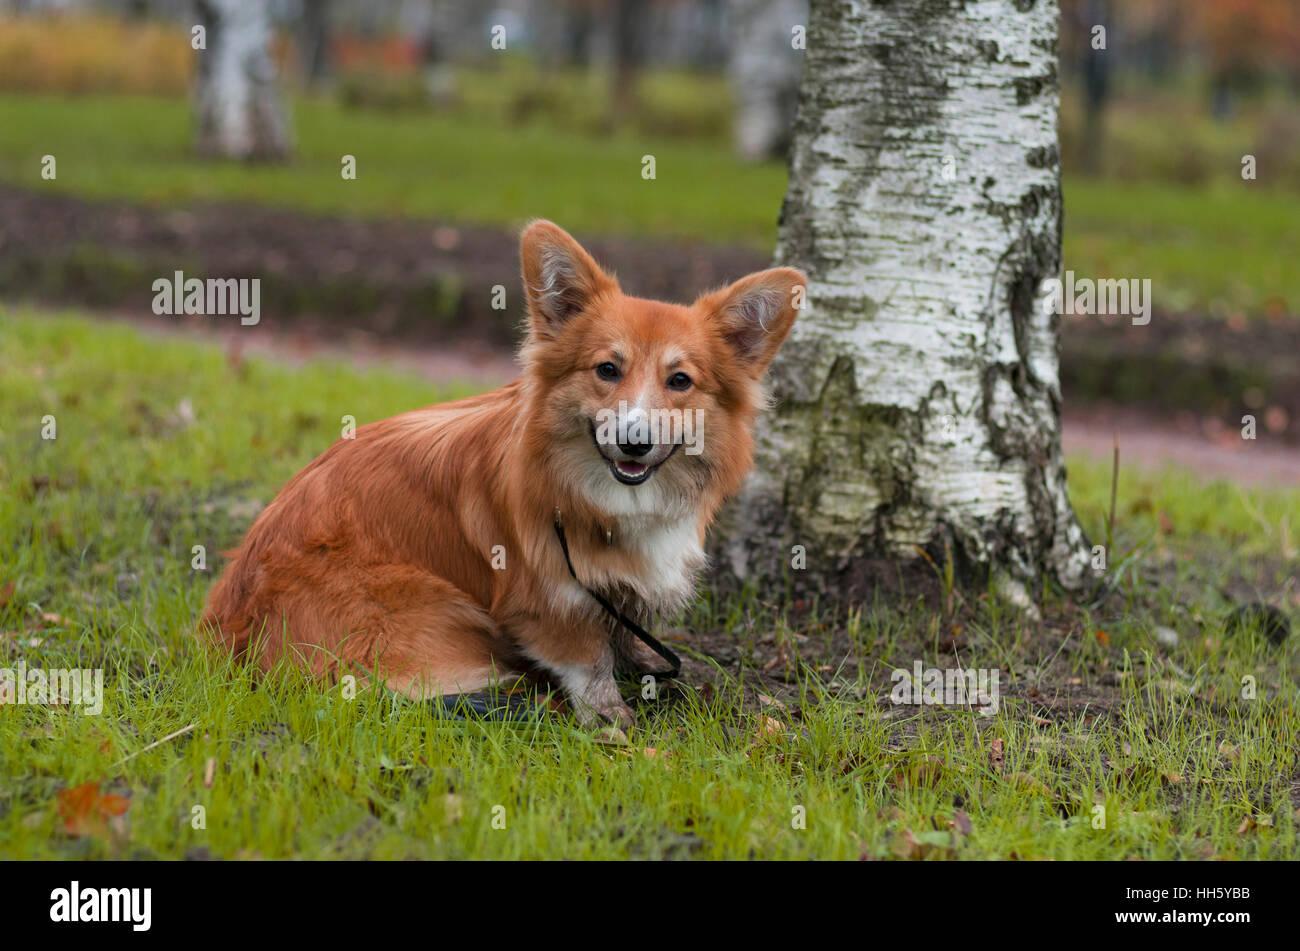 Photo d'un corgi chien curieux (race Welsh Corgi Pembroke, moelleux de couleur rouge) assis près de la birch sur l'herbe verte Banque D'Images